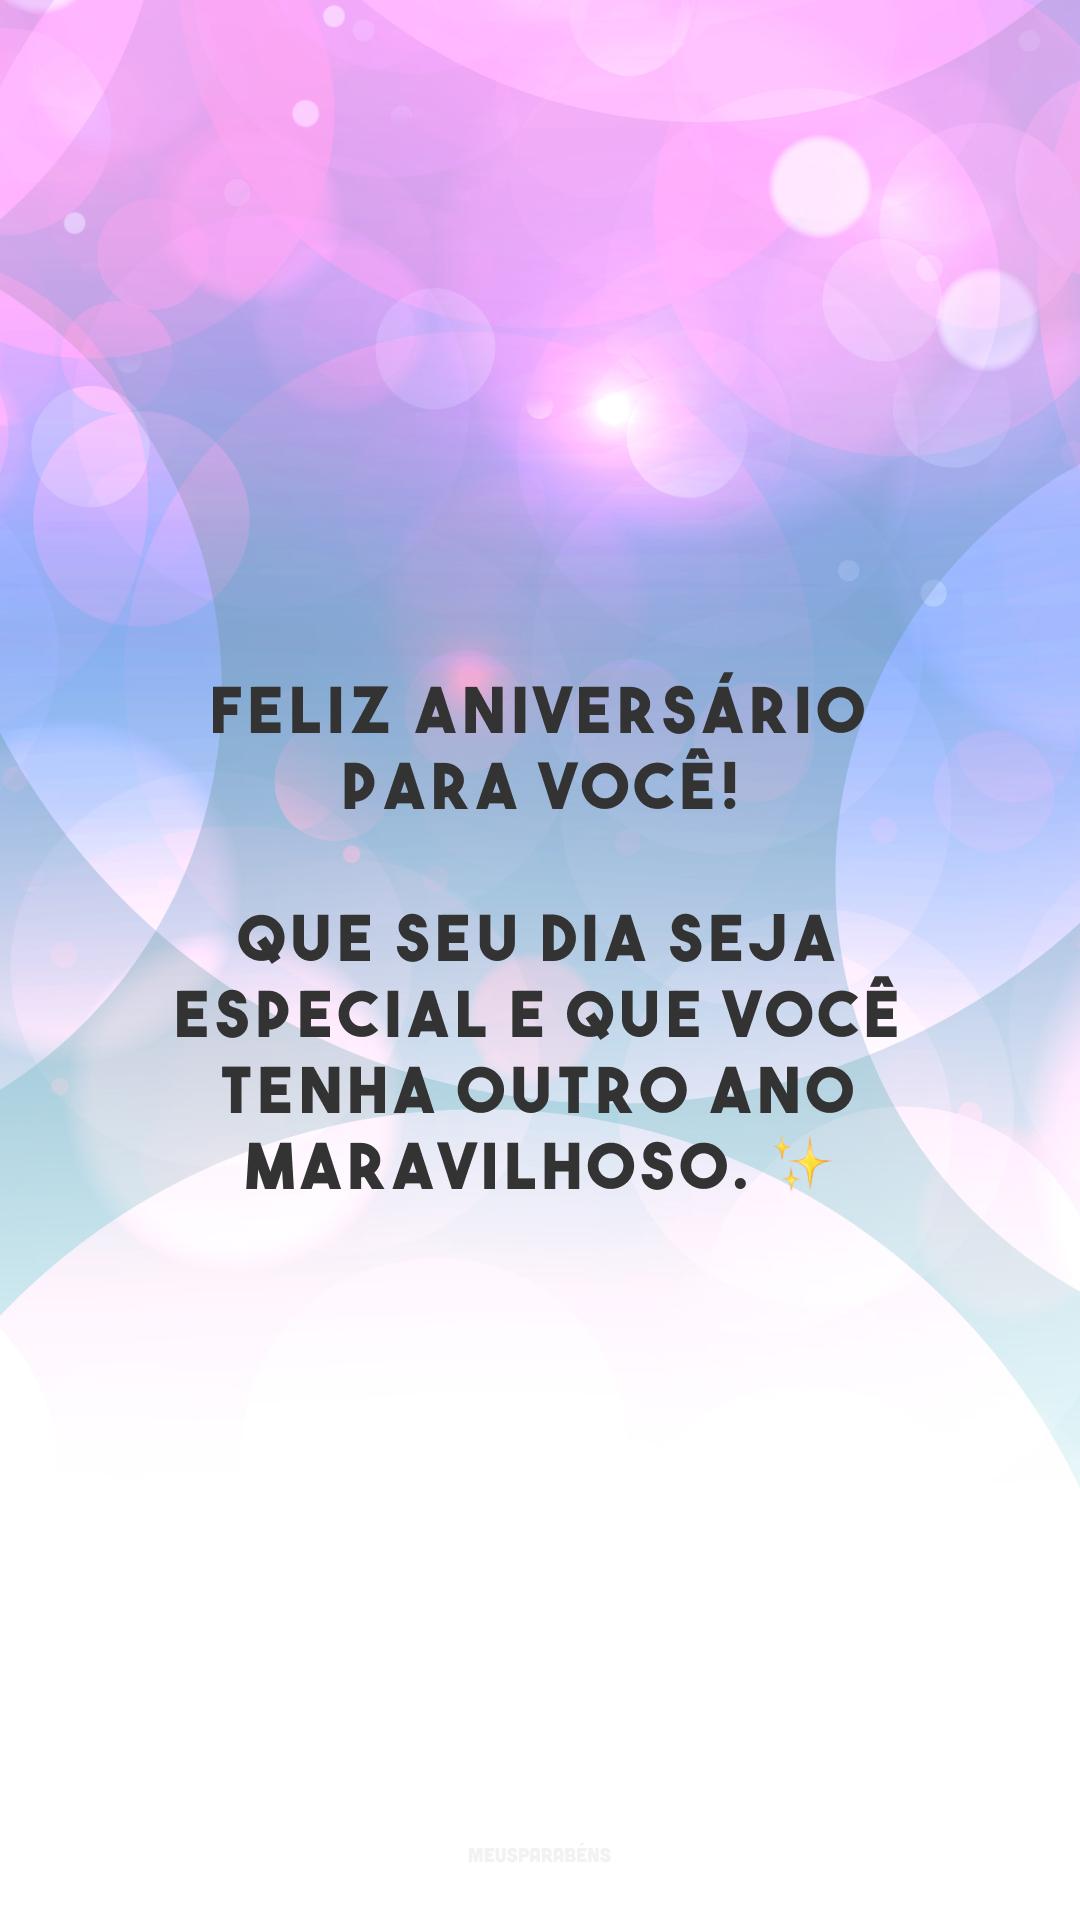 Feliz aniversário para você! Que seu dia seja especial e que você tenha outro ano maravilhoso. ✨